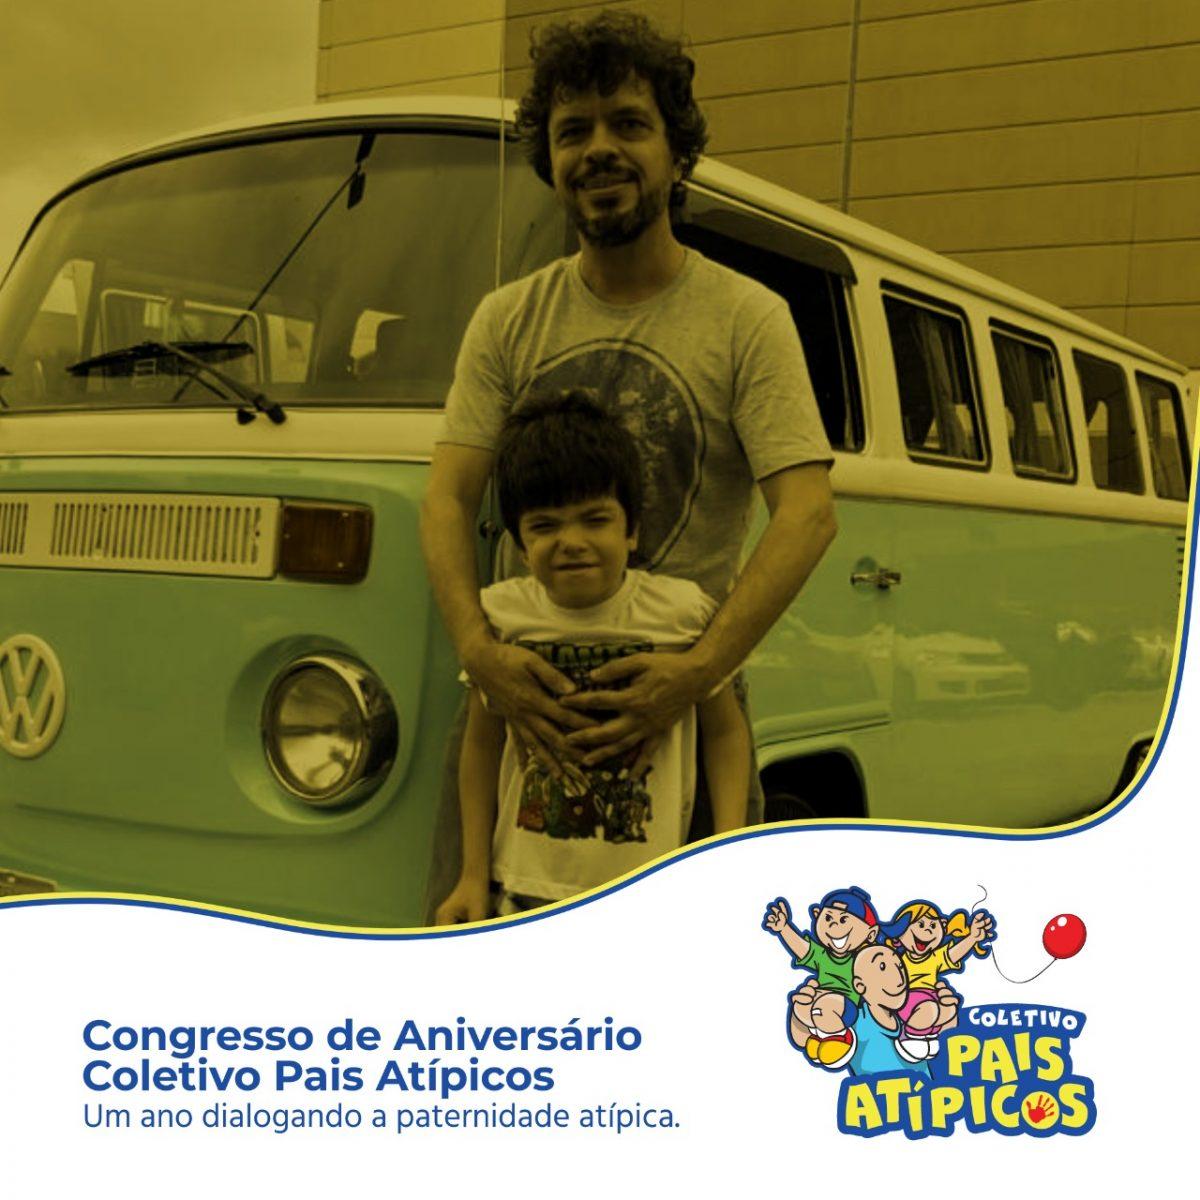 WhatsApp Image 2021 07 29 at 13.32.01 scaled - PATERNIDADE + INCLUSÃO X DIÁLOGOS = COLETIVO PAIS ATÍPICOS